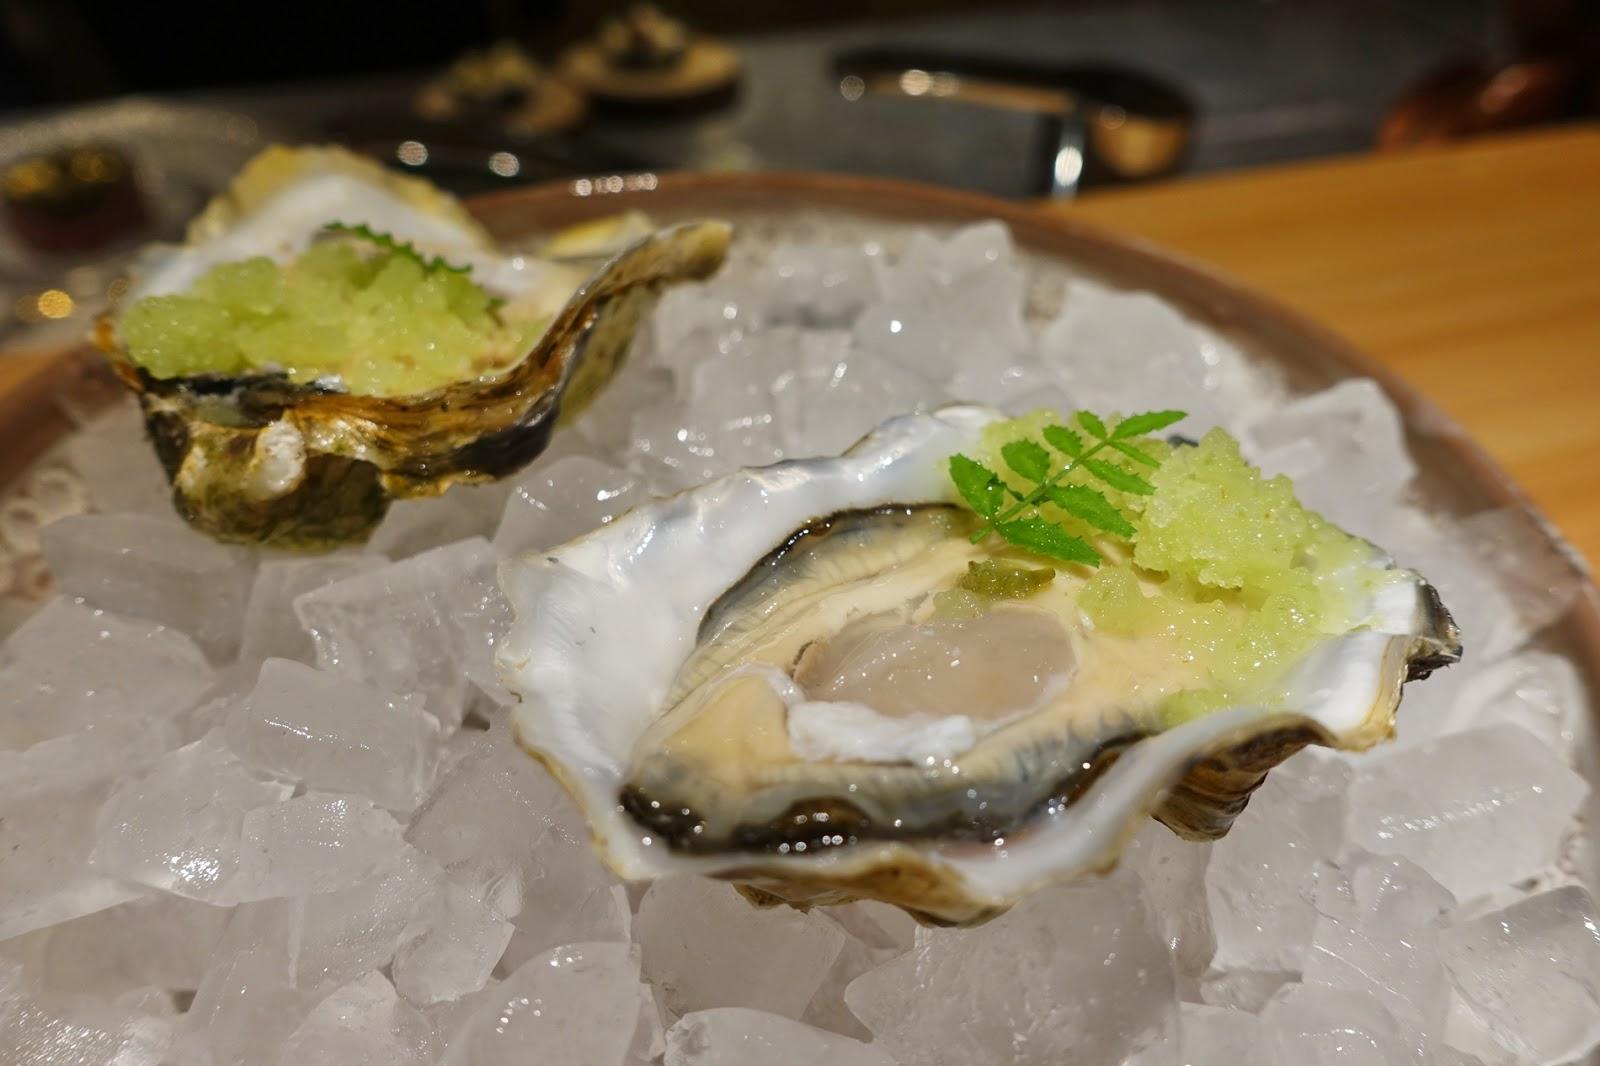 Serious Kappo Dinner | Joie de Vivre - Blog by g4gary